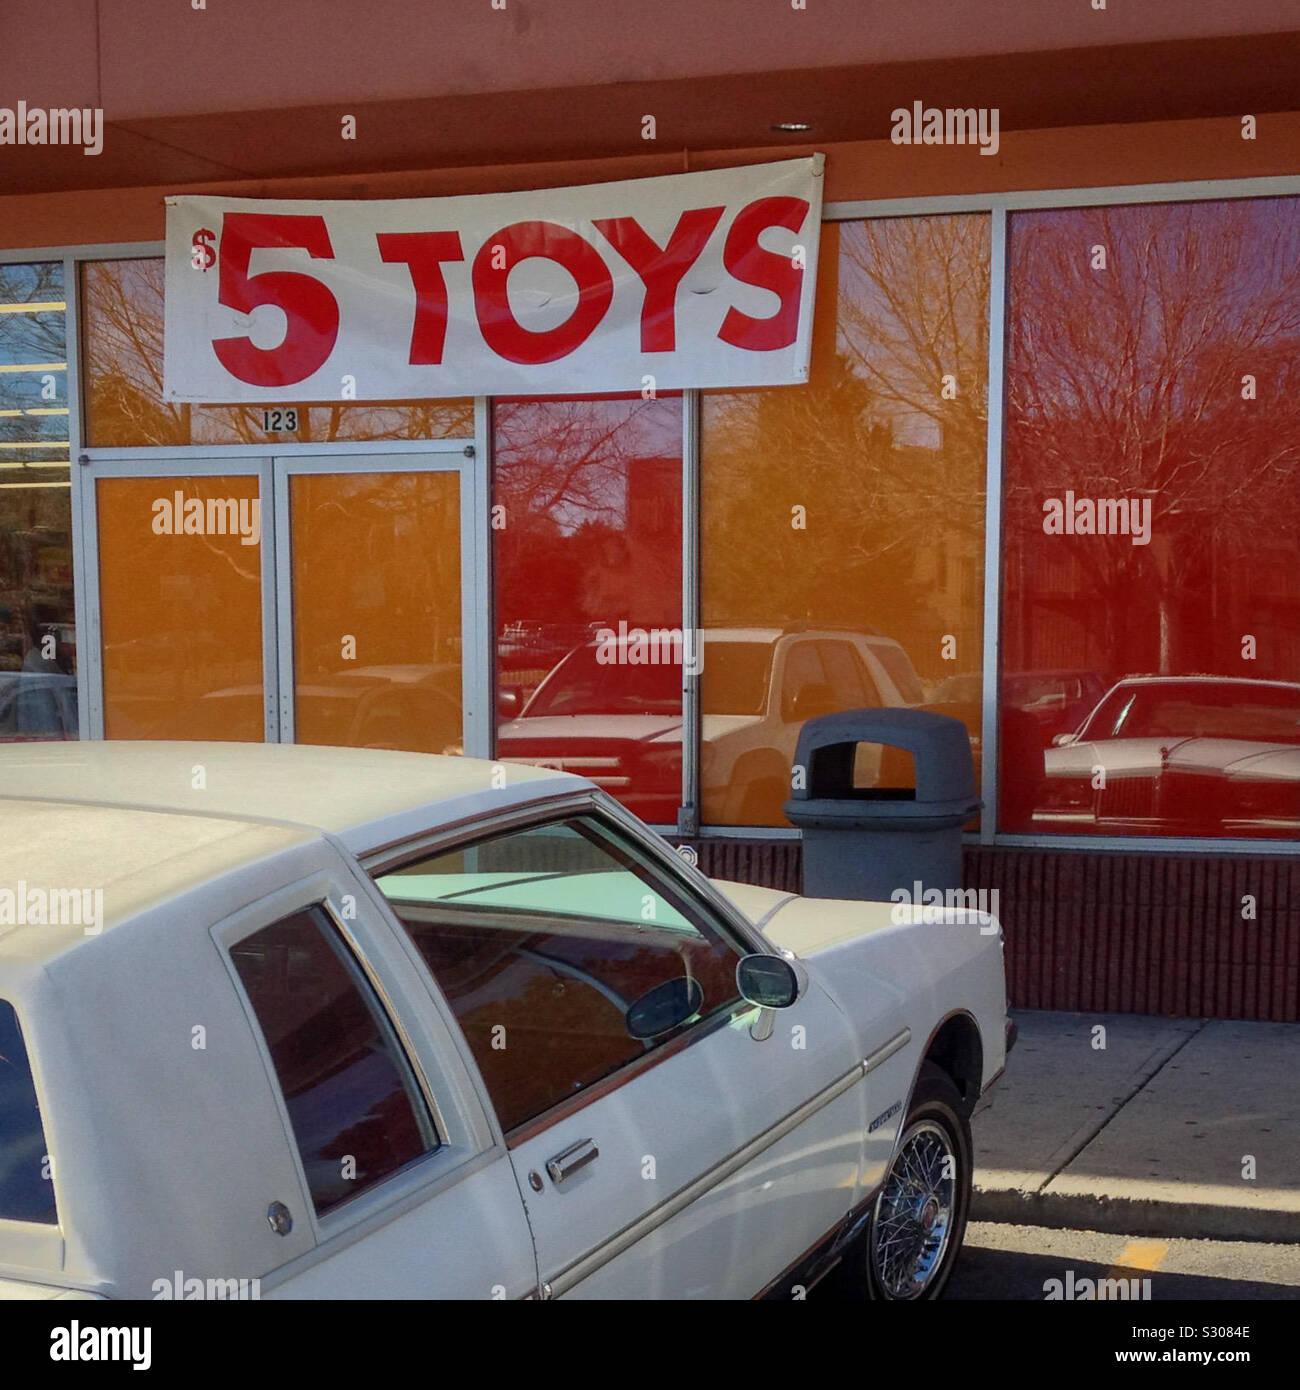 $5 giocattoli segno, Aurora, Colorado, Stati Uniti d'America. 2013. A buon mercato negozio di giocattoli. Foto Stock